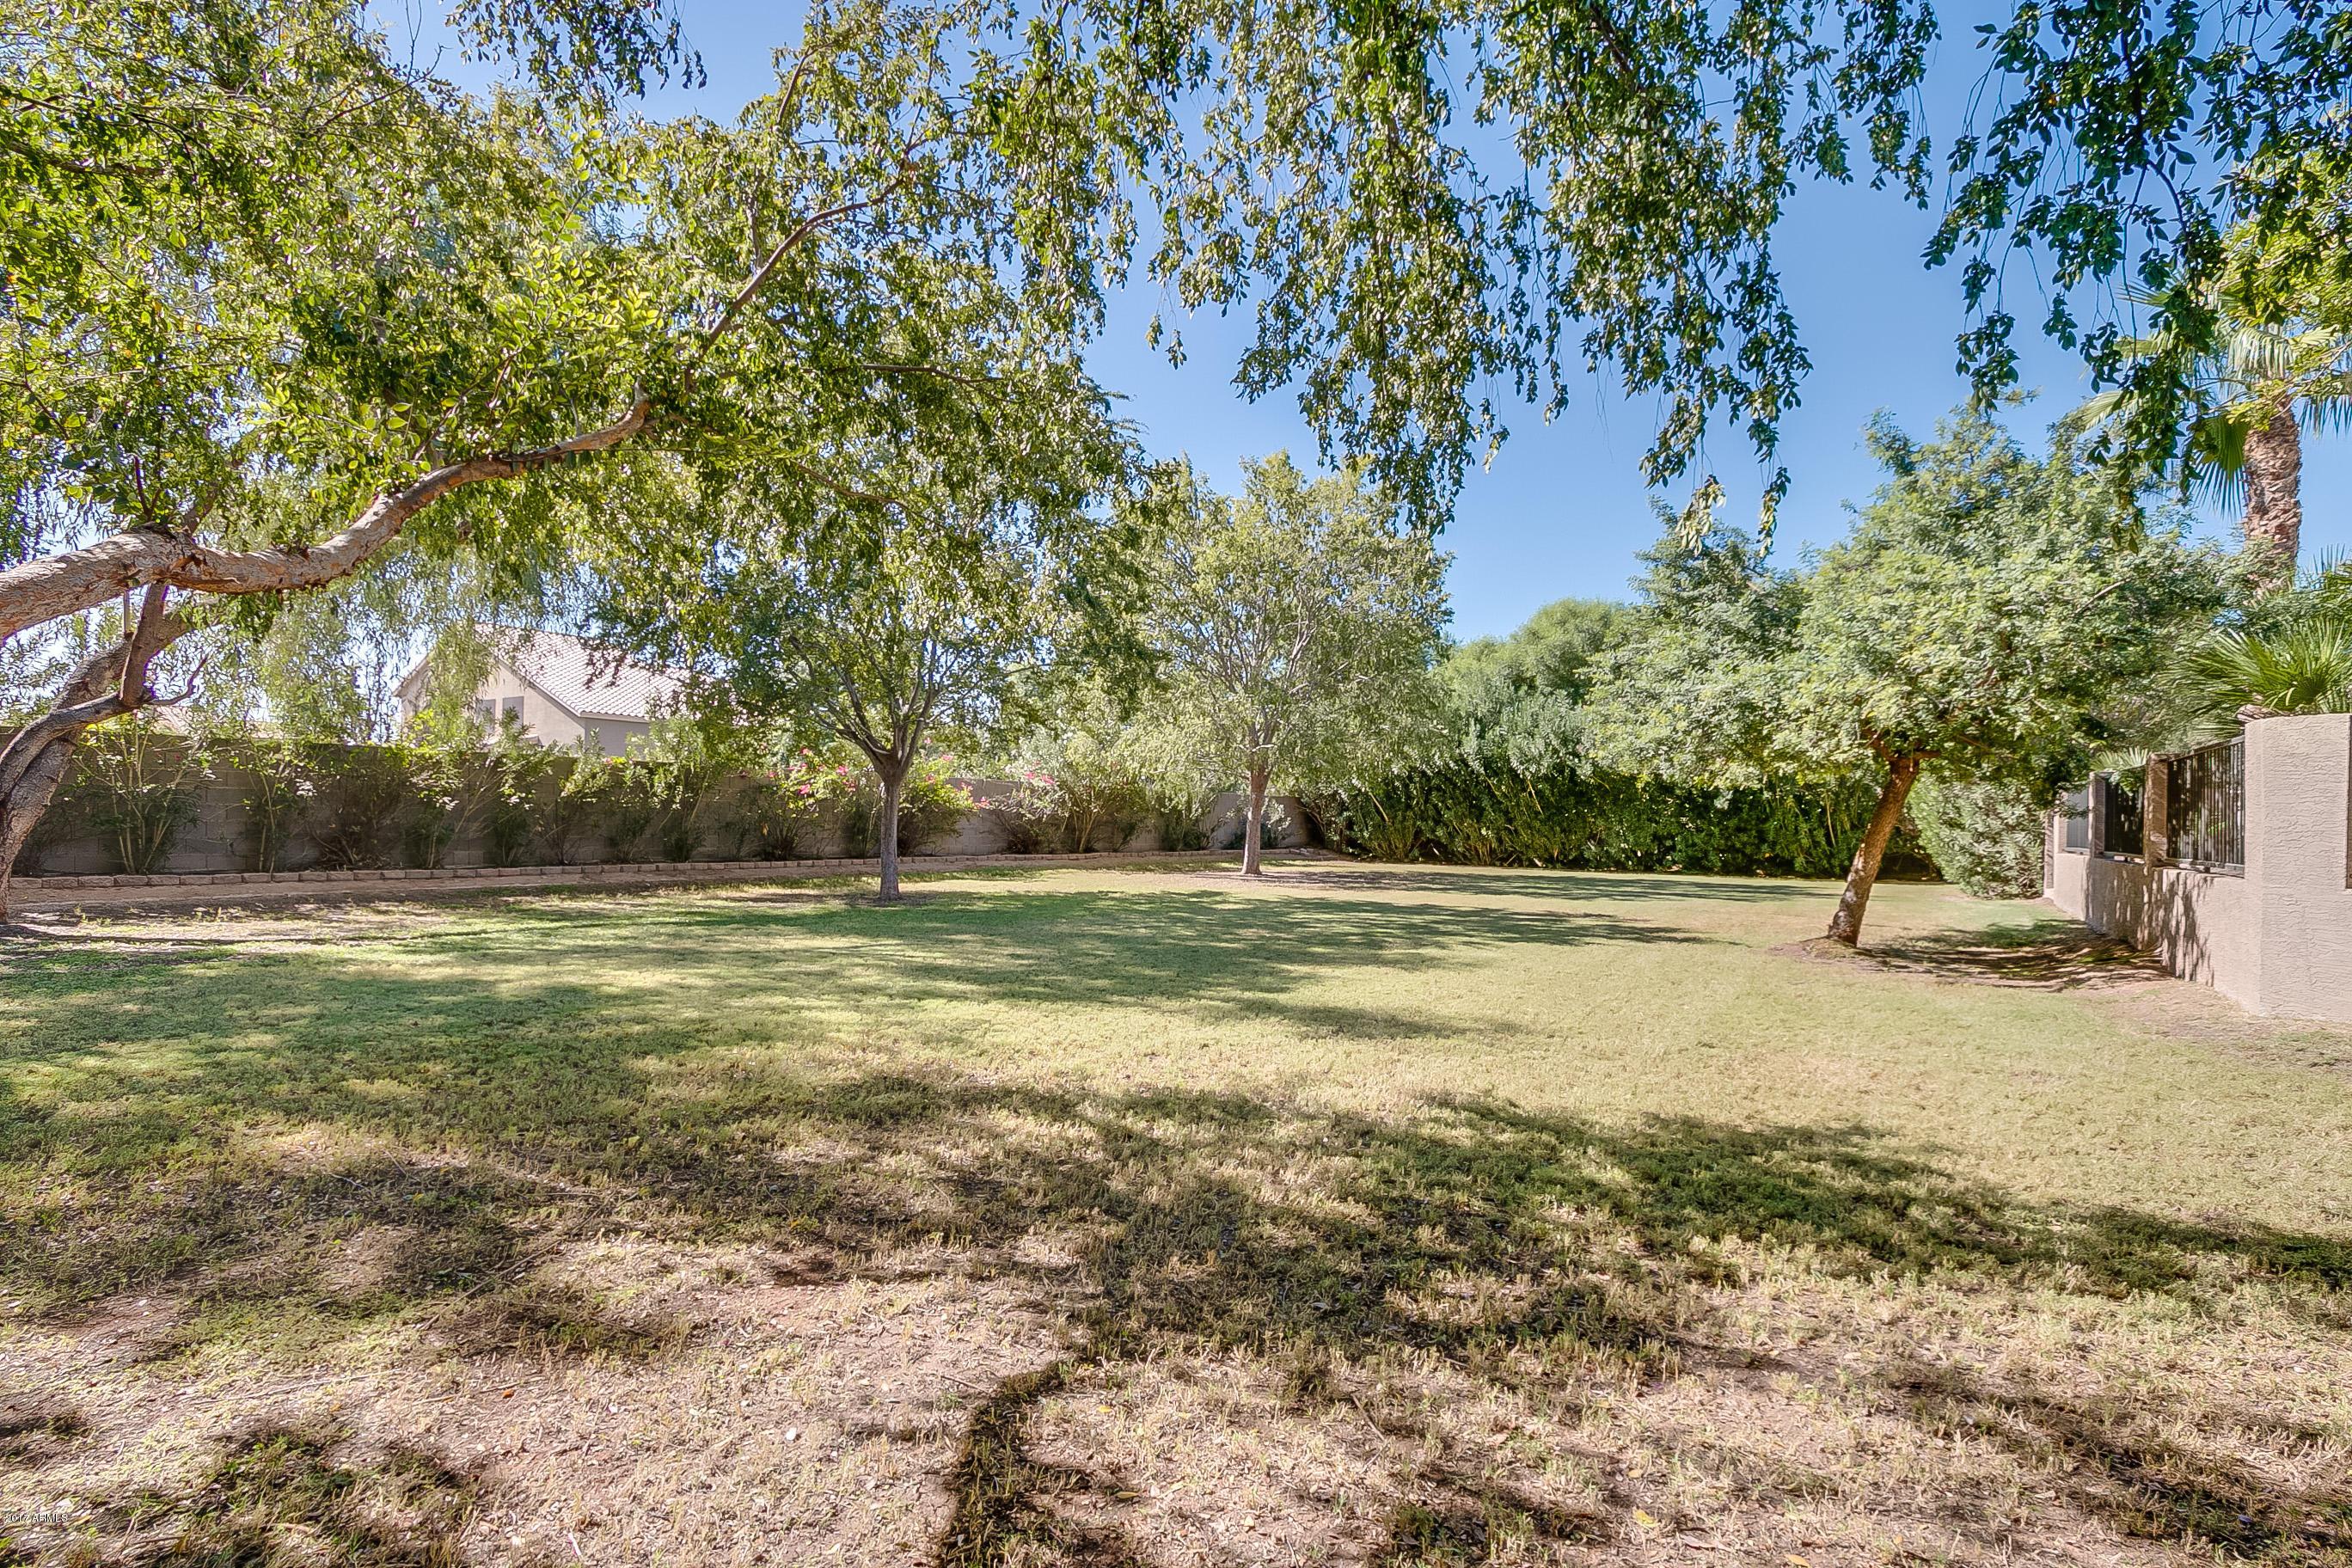 207 S Equestrian  Court Gilbert, AZ 85296 - img8